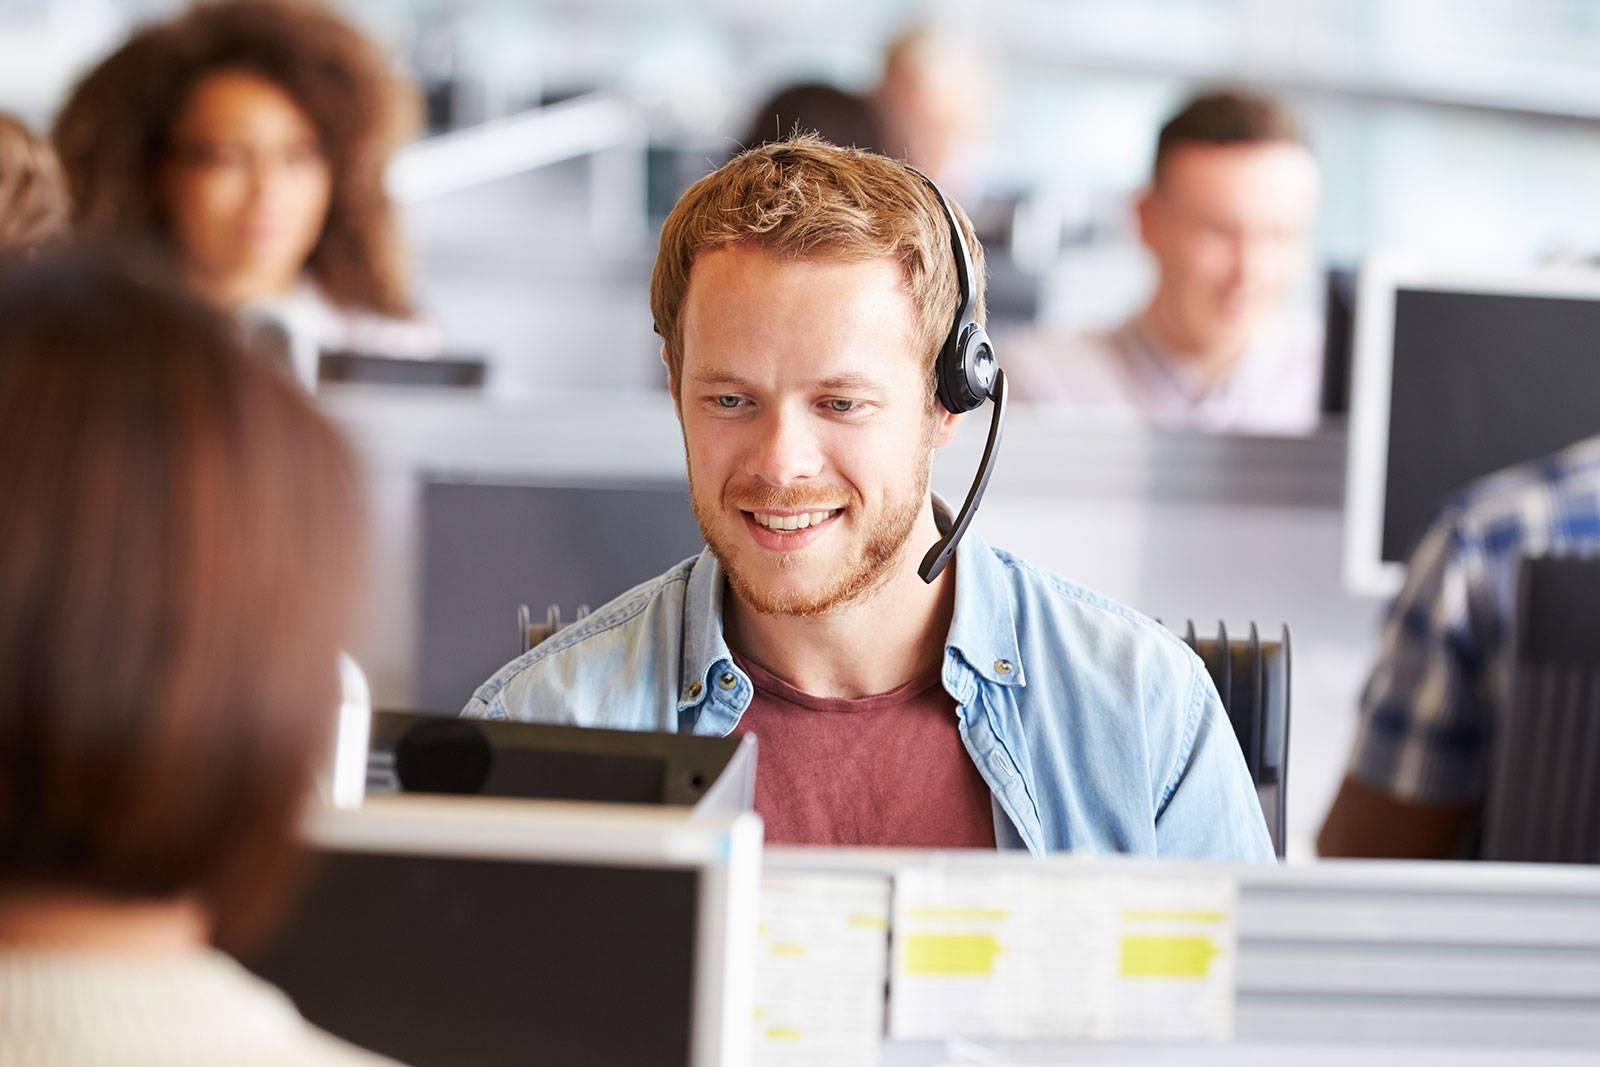 Как написать в службу поддержки инстаграма: все способы